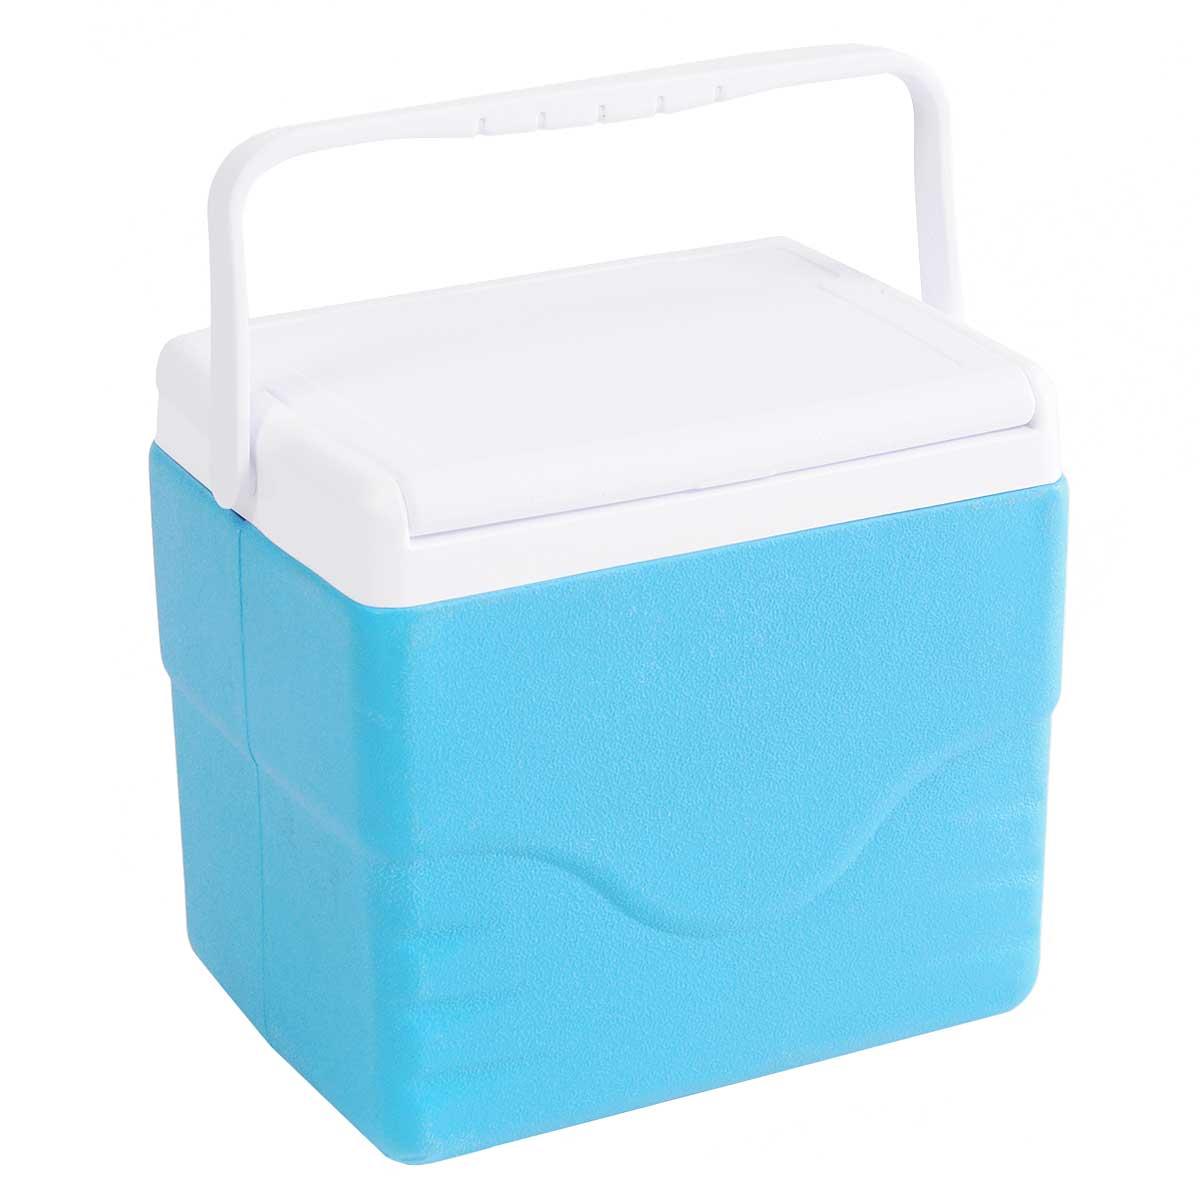 Контейнер изотермический Green Glade, цвет: голубой, 9 лС12090Легкий и прочный изотермический контейнер Green Glade предназначен для хранения и транспортировки охлажденных и скоропортящихся продуктов питания и напитков. Корпус и крышка контейнера изготовлены из высококачественного полипропилена. Между двойными стенками находится термоизоляционный слой из пенополистирола, который обеспечивает сохранение температуры. При использовании аккумулятора холода, контейнер обеспечивает сохранение продуктов холодными на 8-10 часов. Подвижная ручка делает более удобной переноску контейнера. Крышка может использоваться как столик или как поднос.